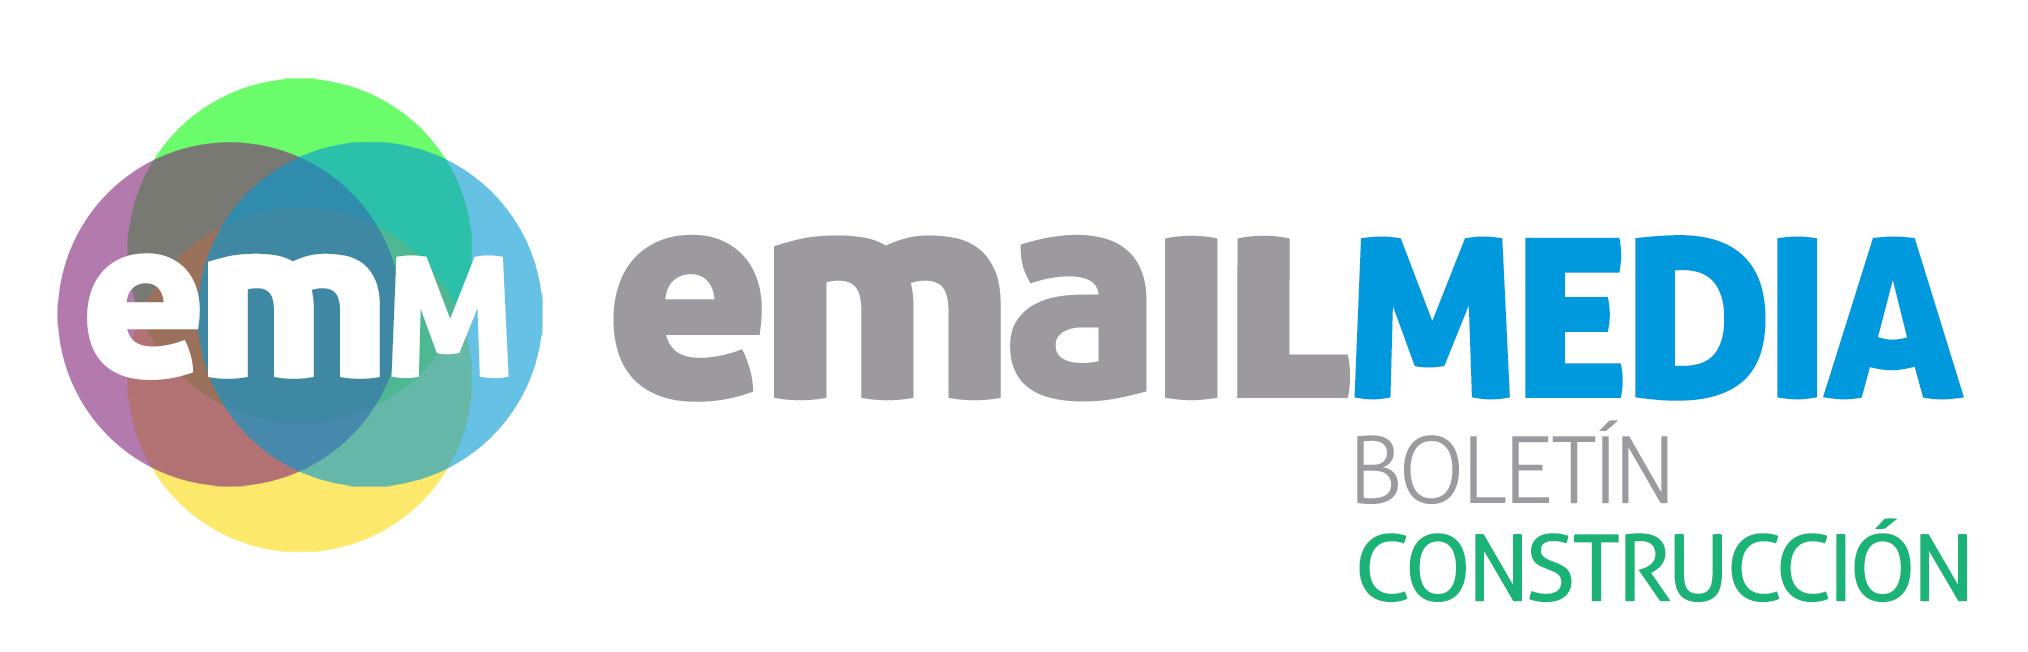 EmailMedia Boletín Construcción